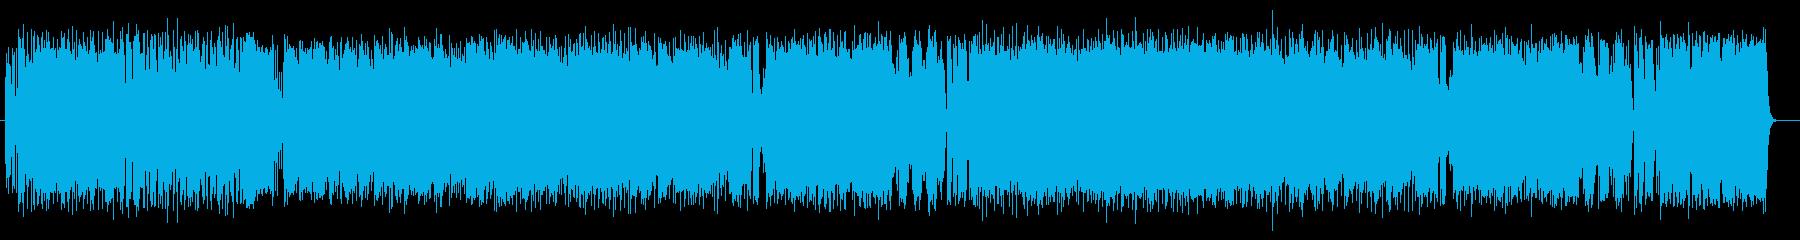 明るくポップなインスト曲の再生済みの波形